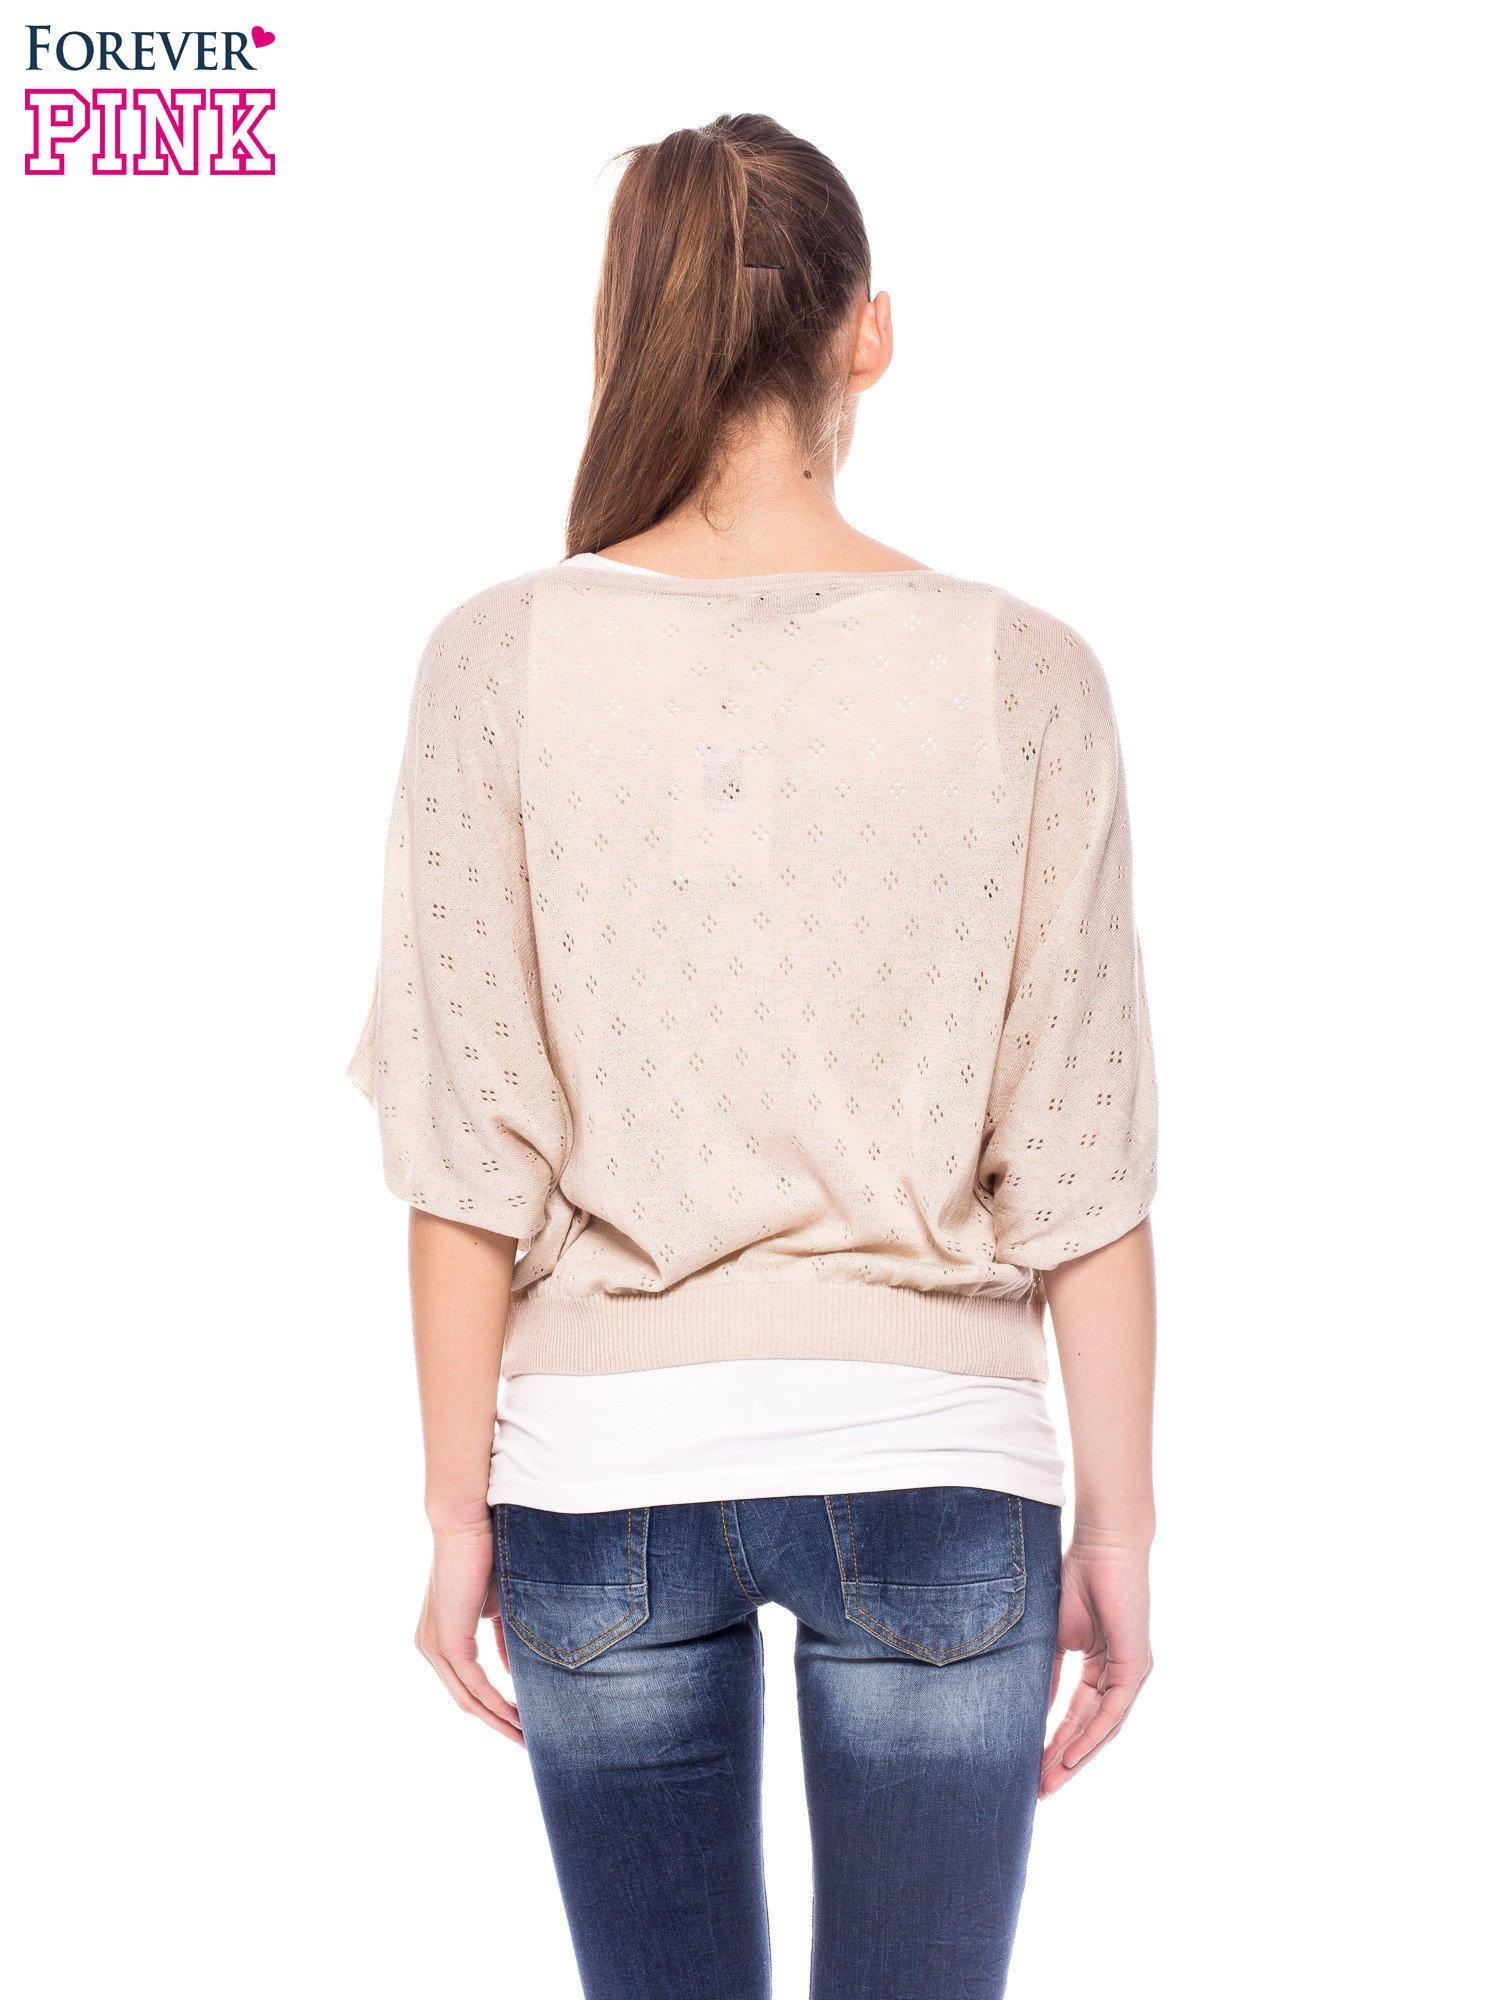 Beżowy ażurowy sweterek z krótkim rękawem                                  zdj.                                  3